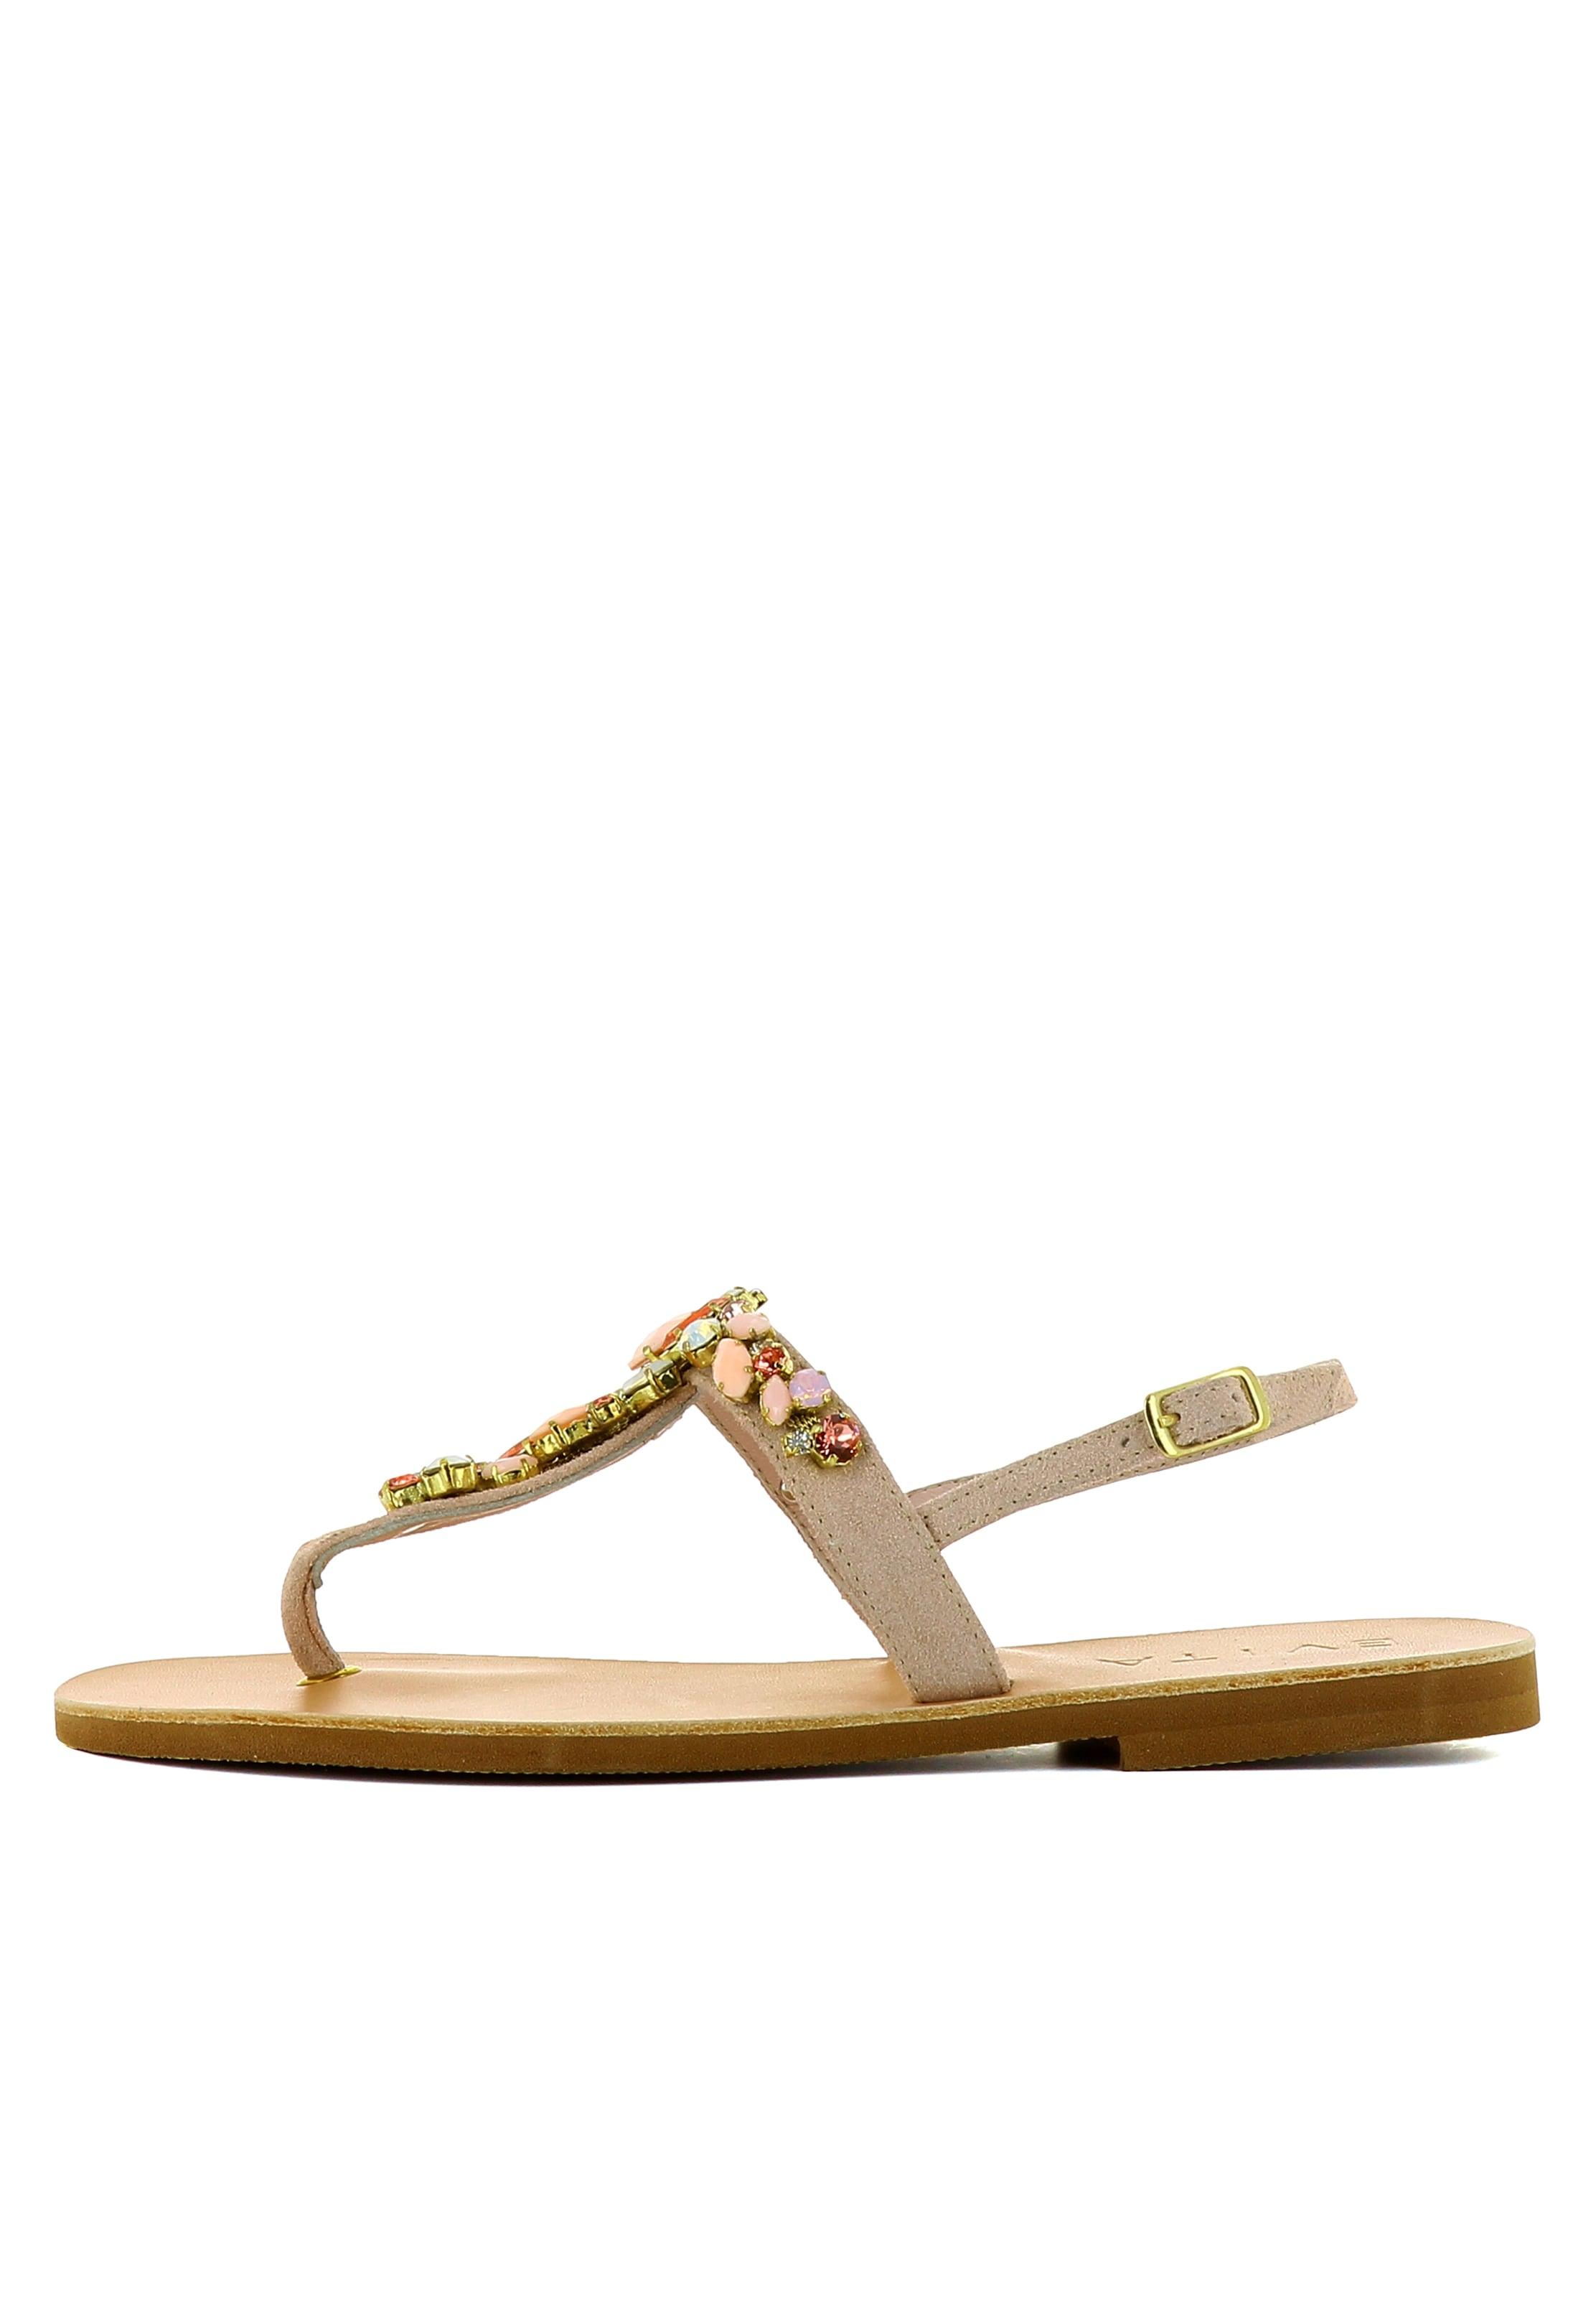 EVITA Damen Sandale Verkauf Neueste Günstig Kaufen Besuch Niedrige Versand Online Günstig Kauft Heißen Verkauf D8hn4RxI